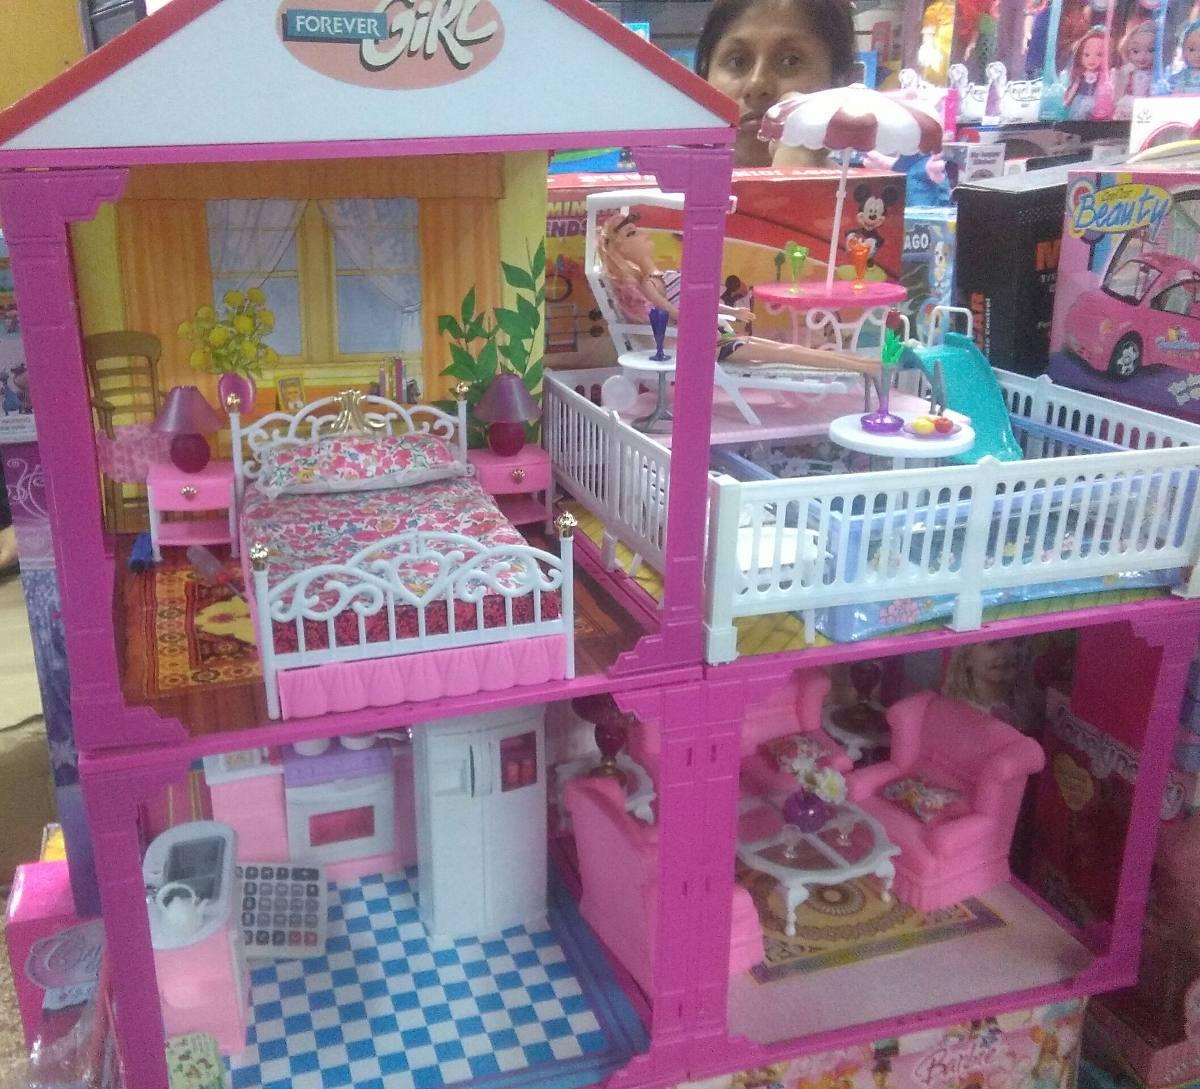 Casa de barbie equipada s 259 00 en mercado libre - La casa de barbie de juguete ...